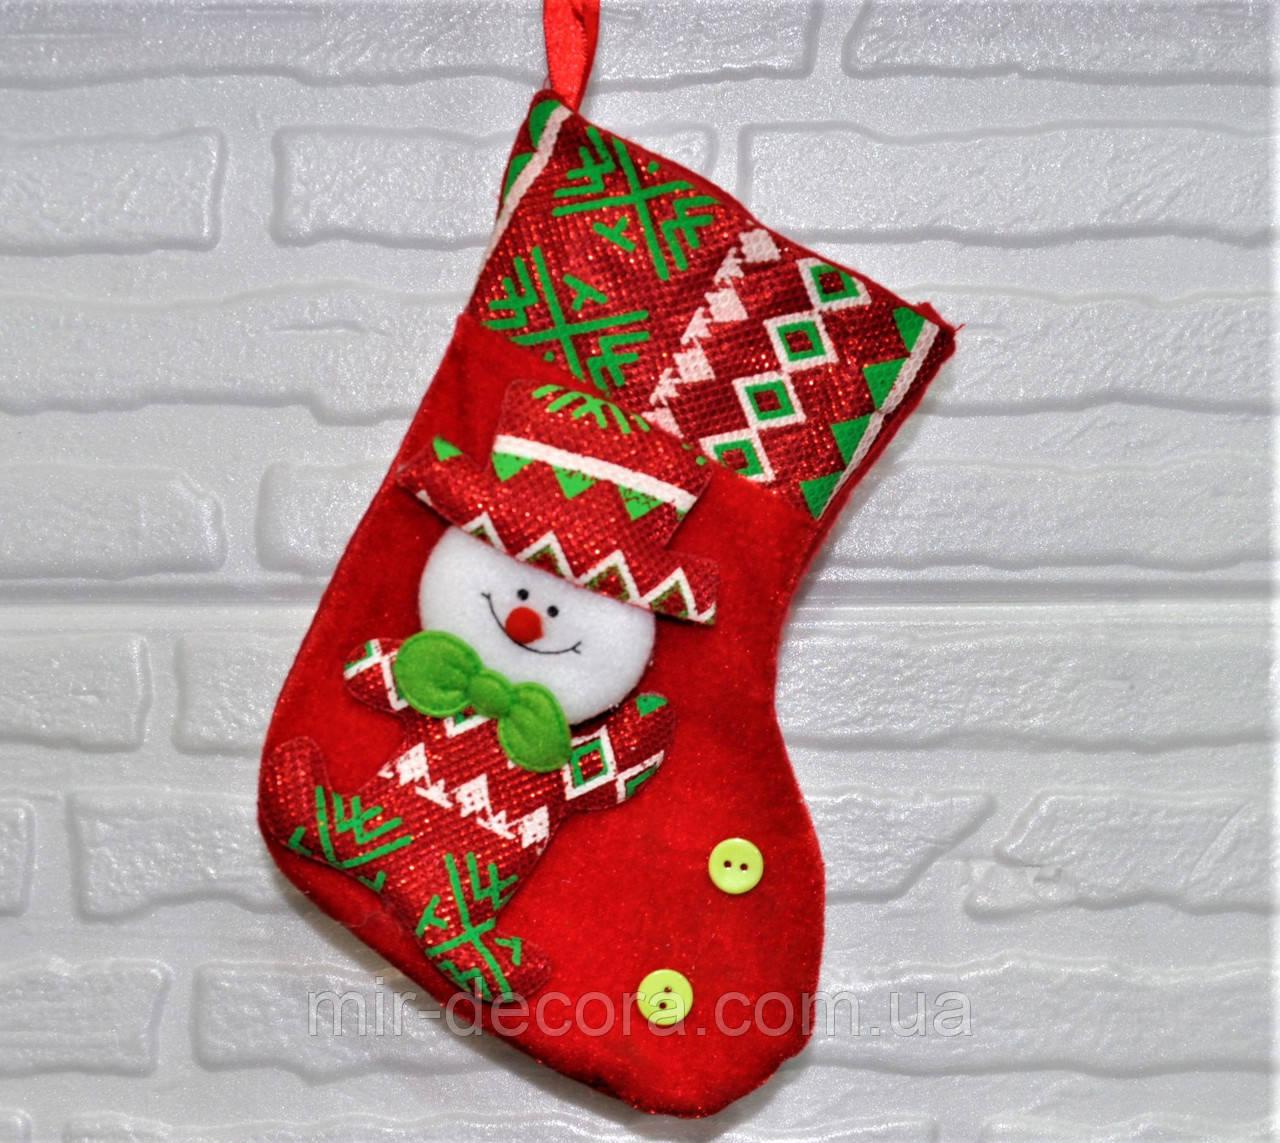 """Новогодний сапожок упаковка для подарков """"Снеговик"""", 20 см"""